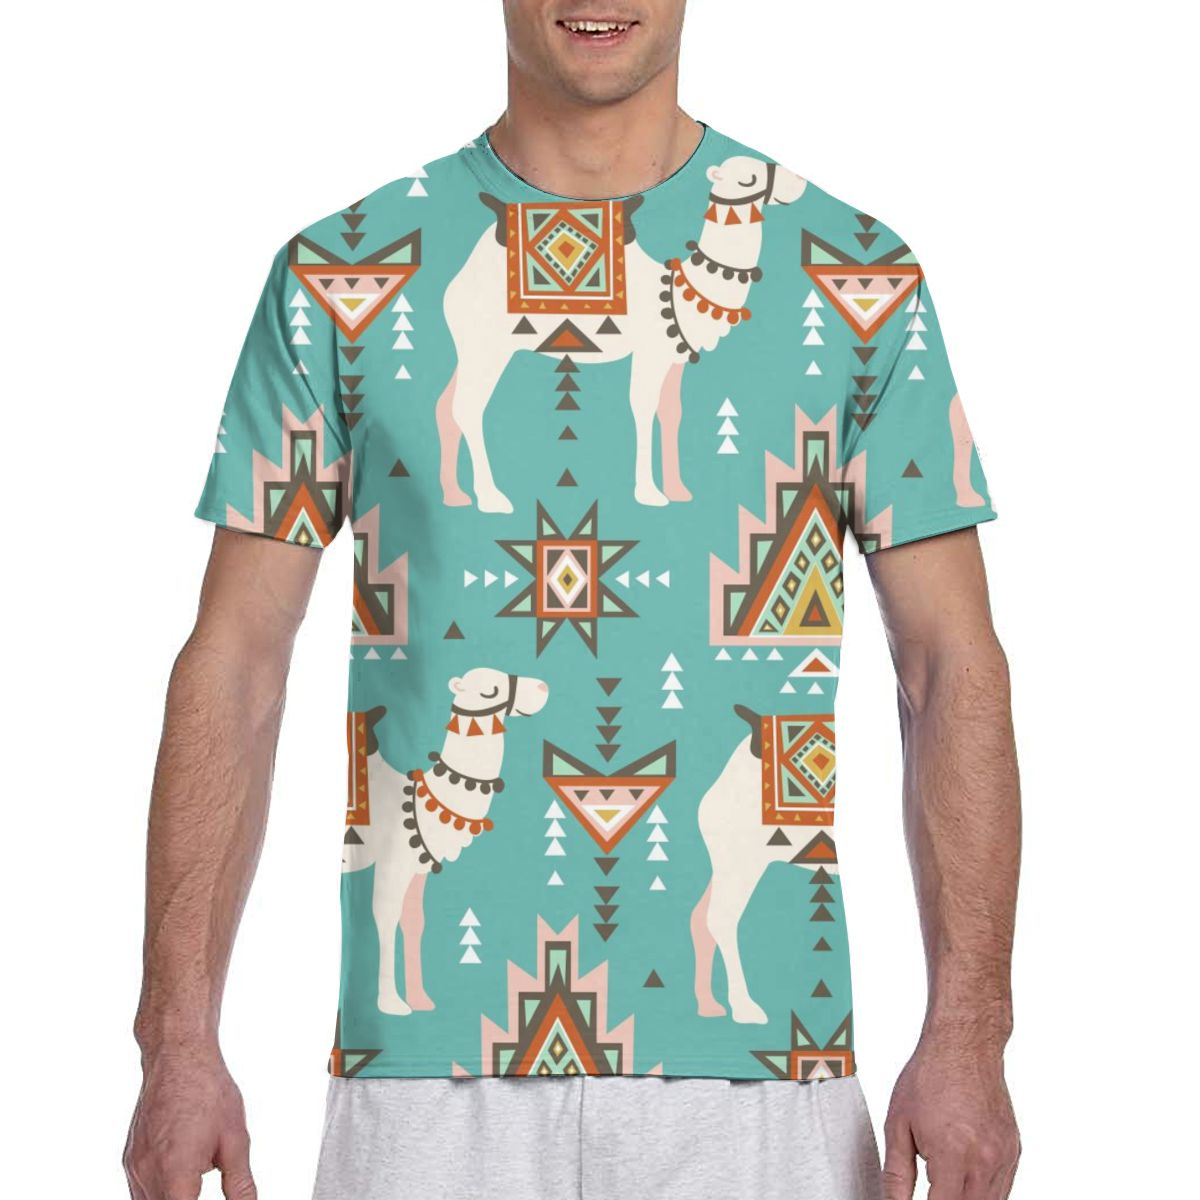 Camiseta étnica con estampado bohemio del desierto para hombre, camiseta de verano 2020 con cuello redondo para hombre